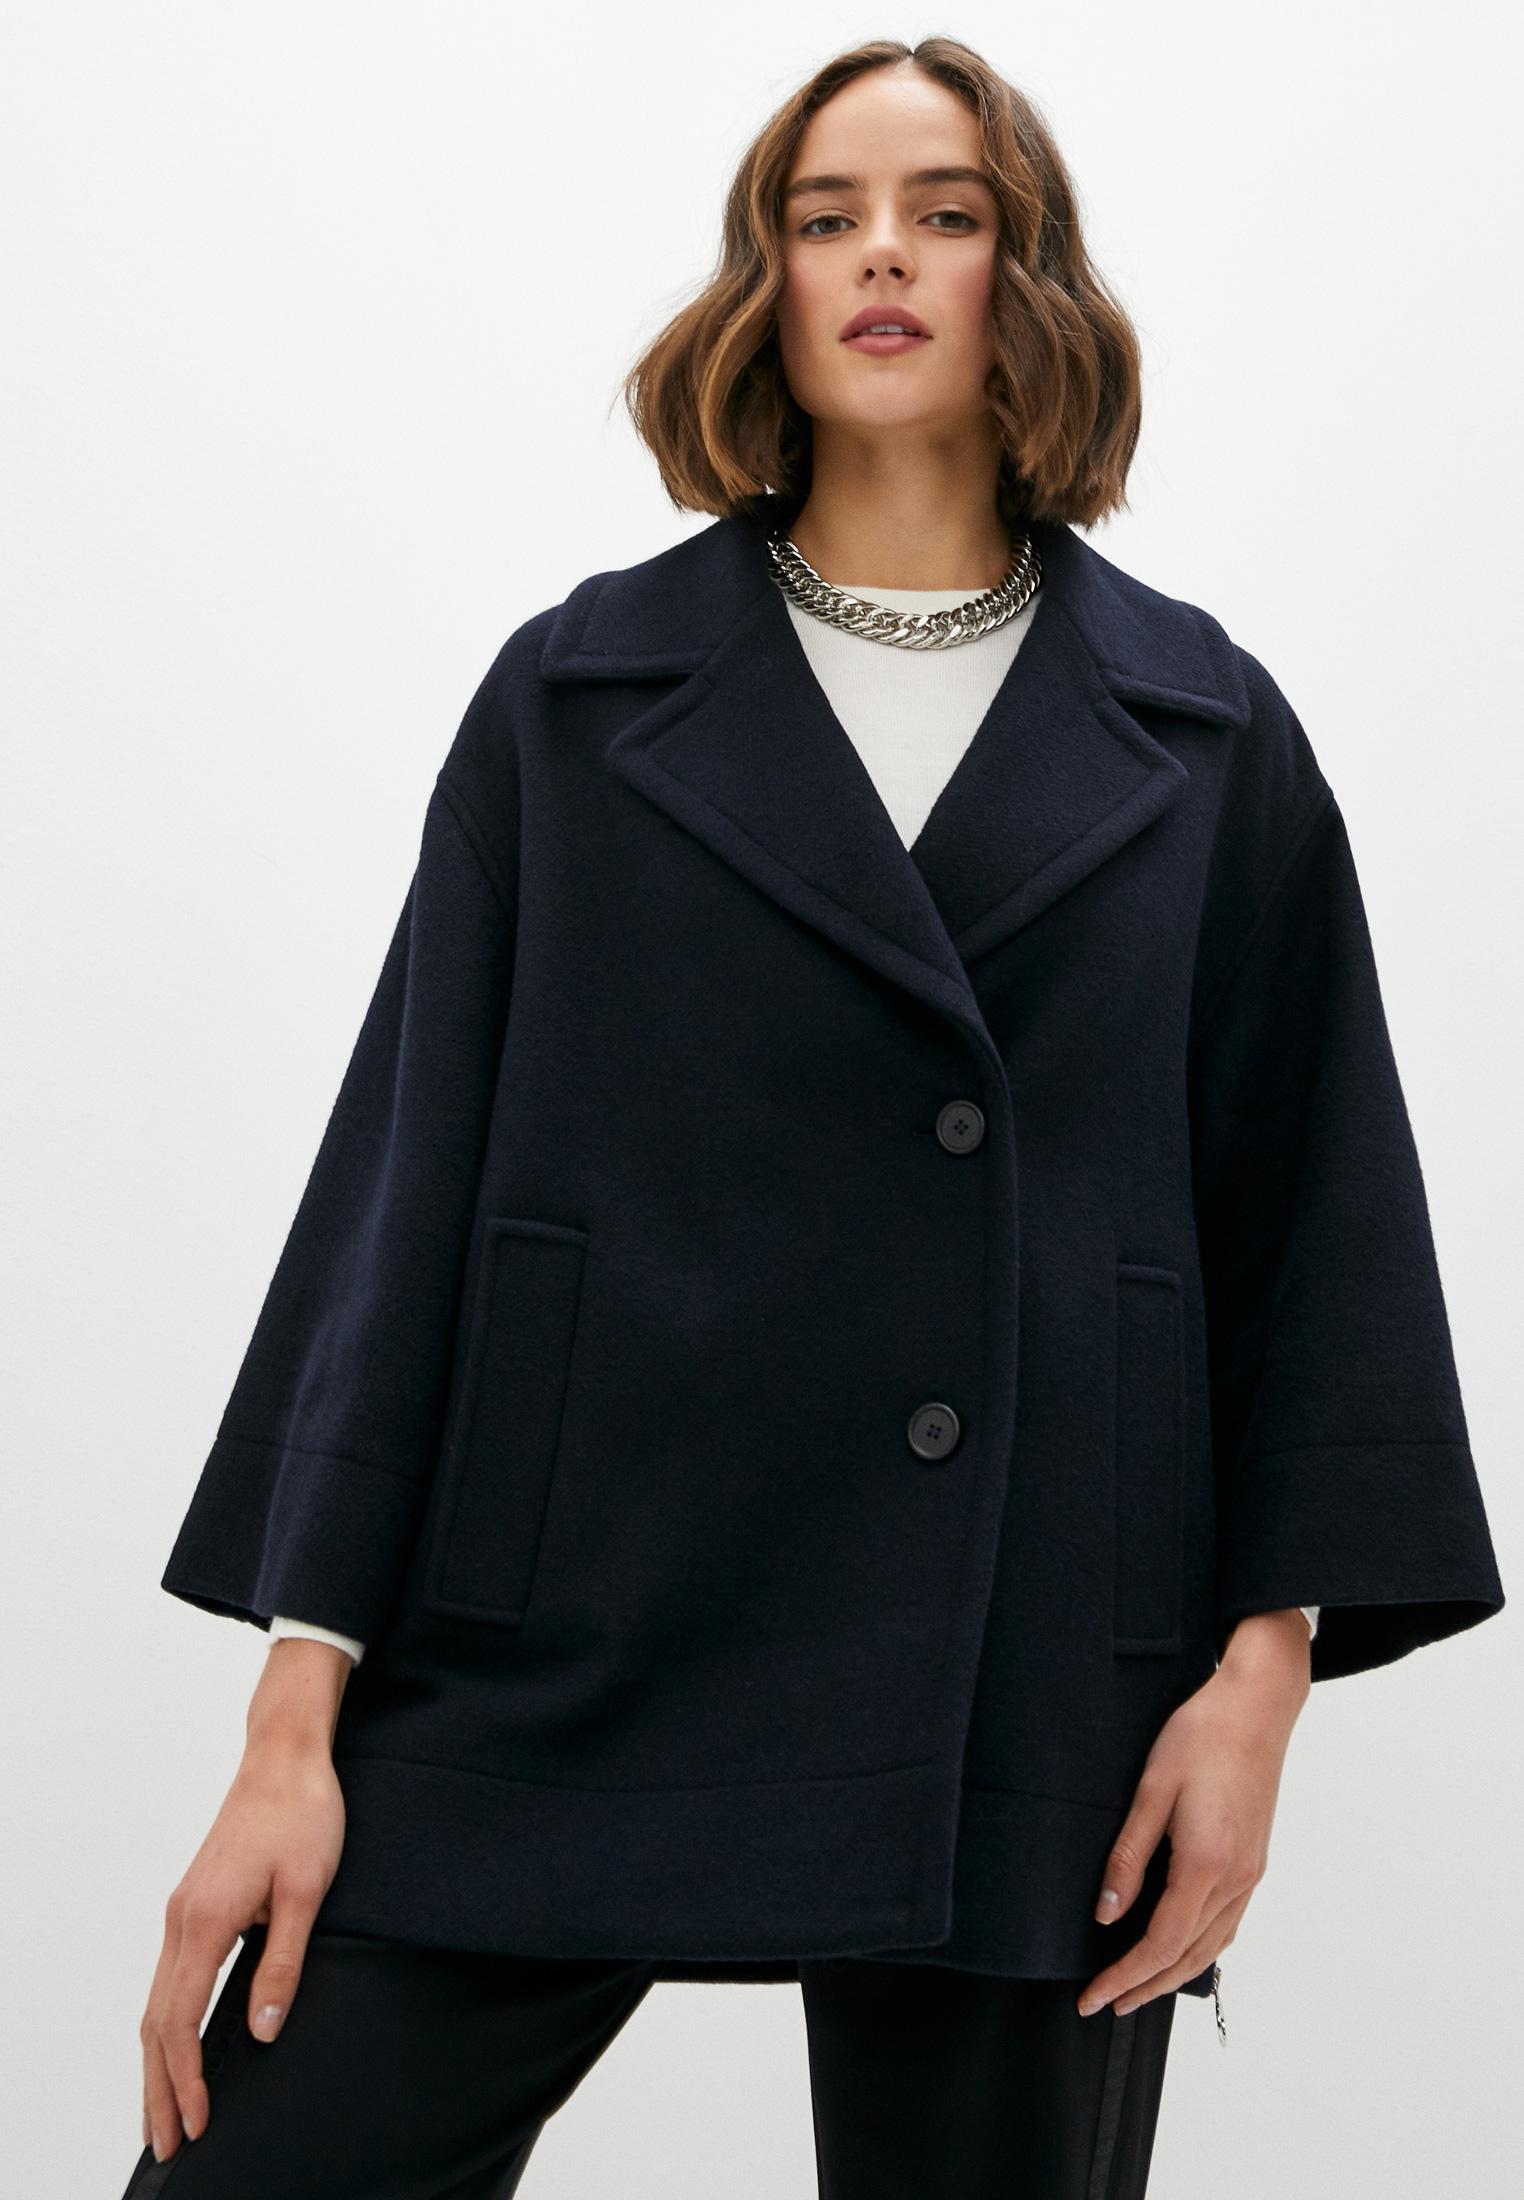 Женские пальто Bikkembergs (Биккембергс) D J 018 00 T 049A